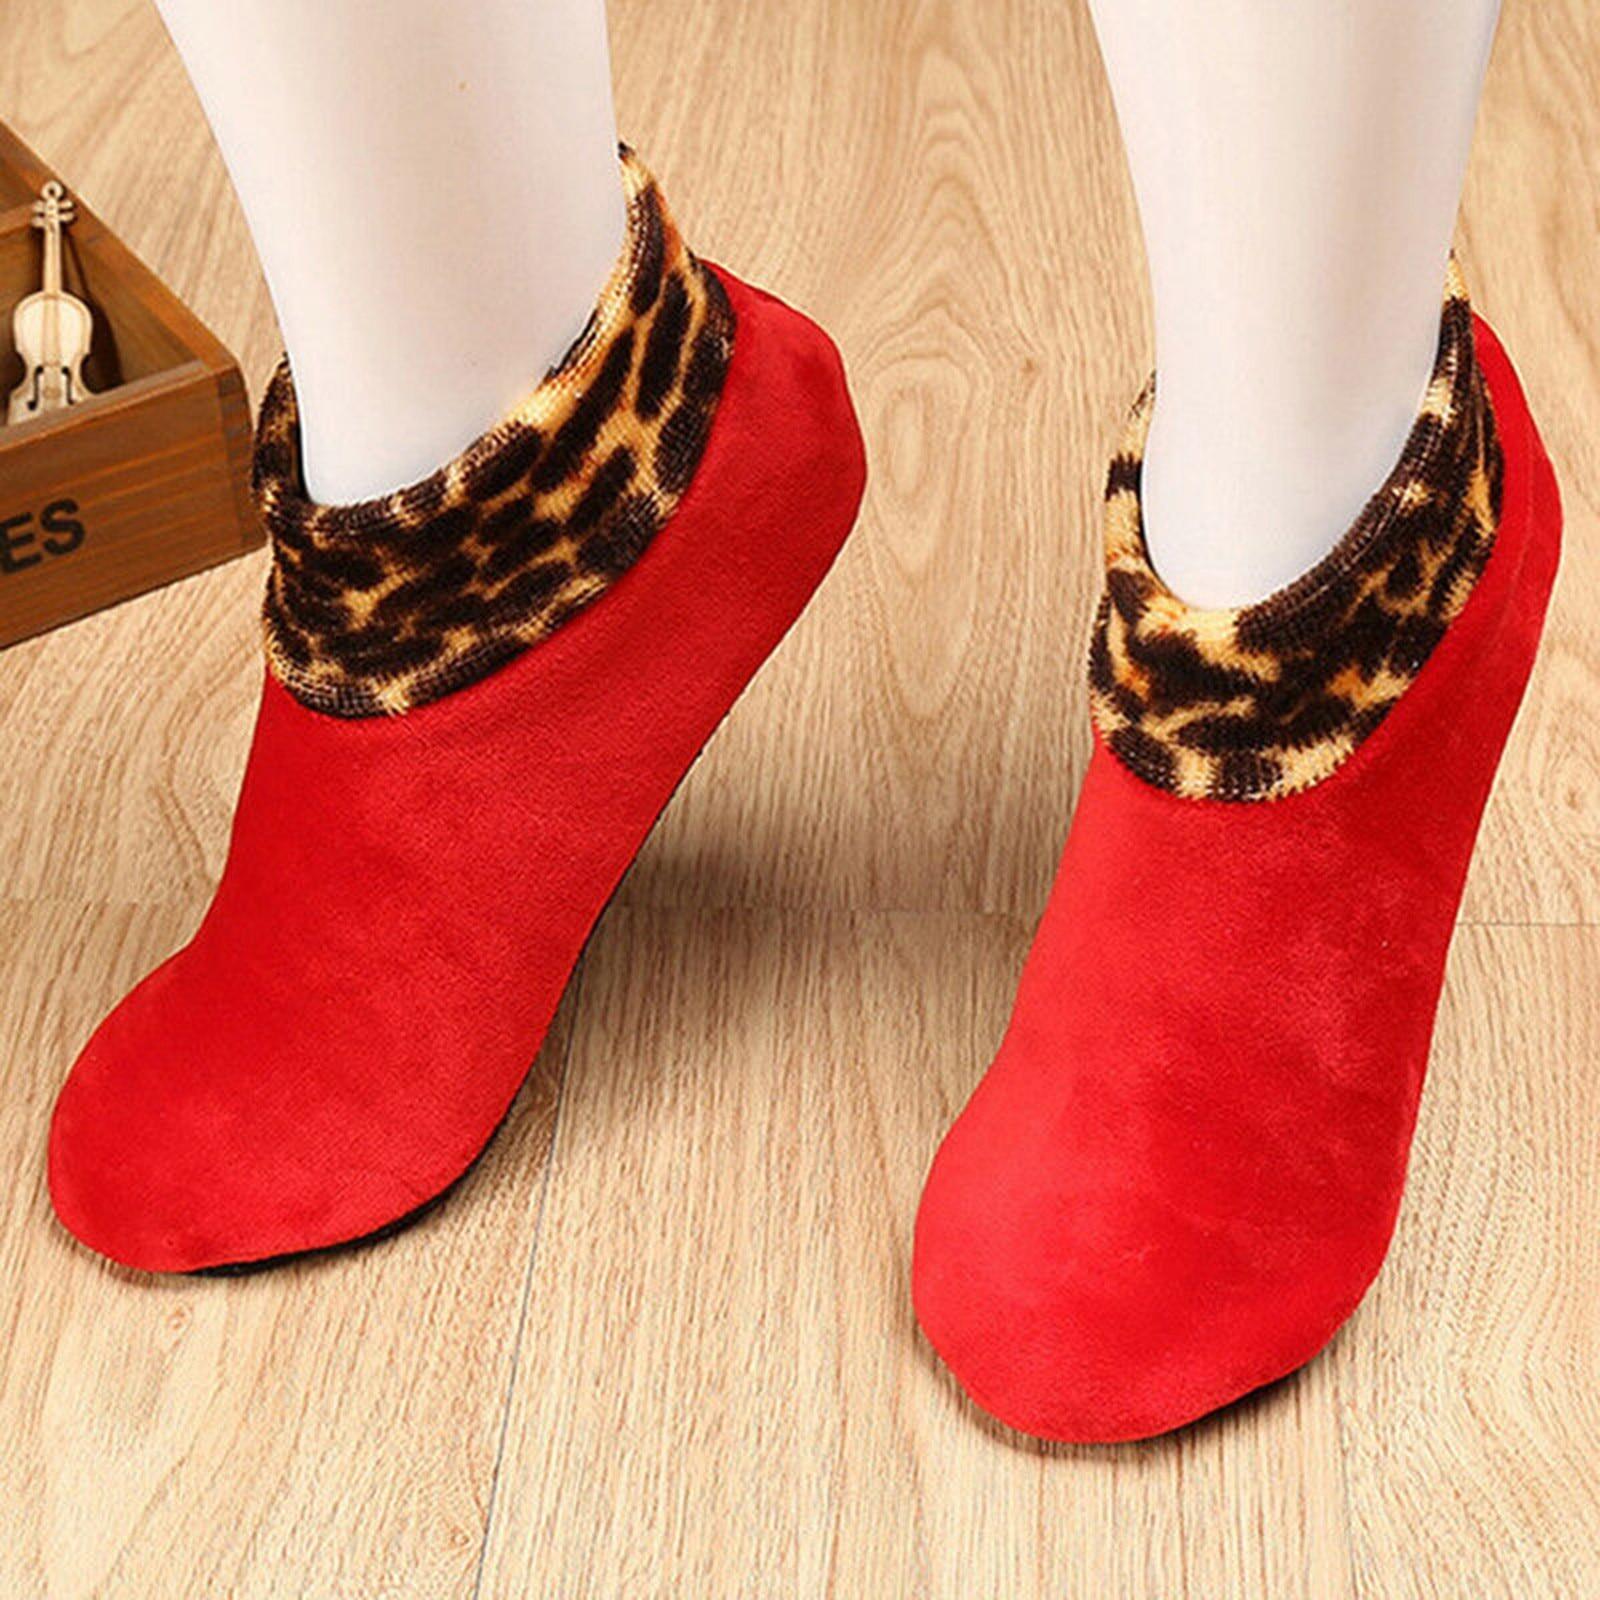 Женские зимние теплые леопардовые нескользящие носки для дома и улицы Нескользящие термоноски украшение Рождество Новый год Рождество 2021